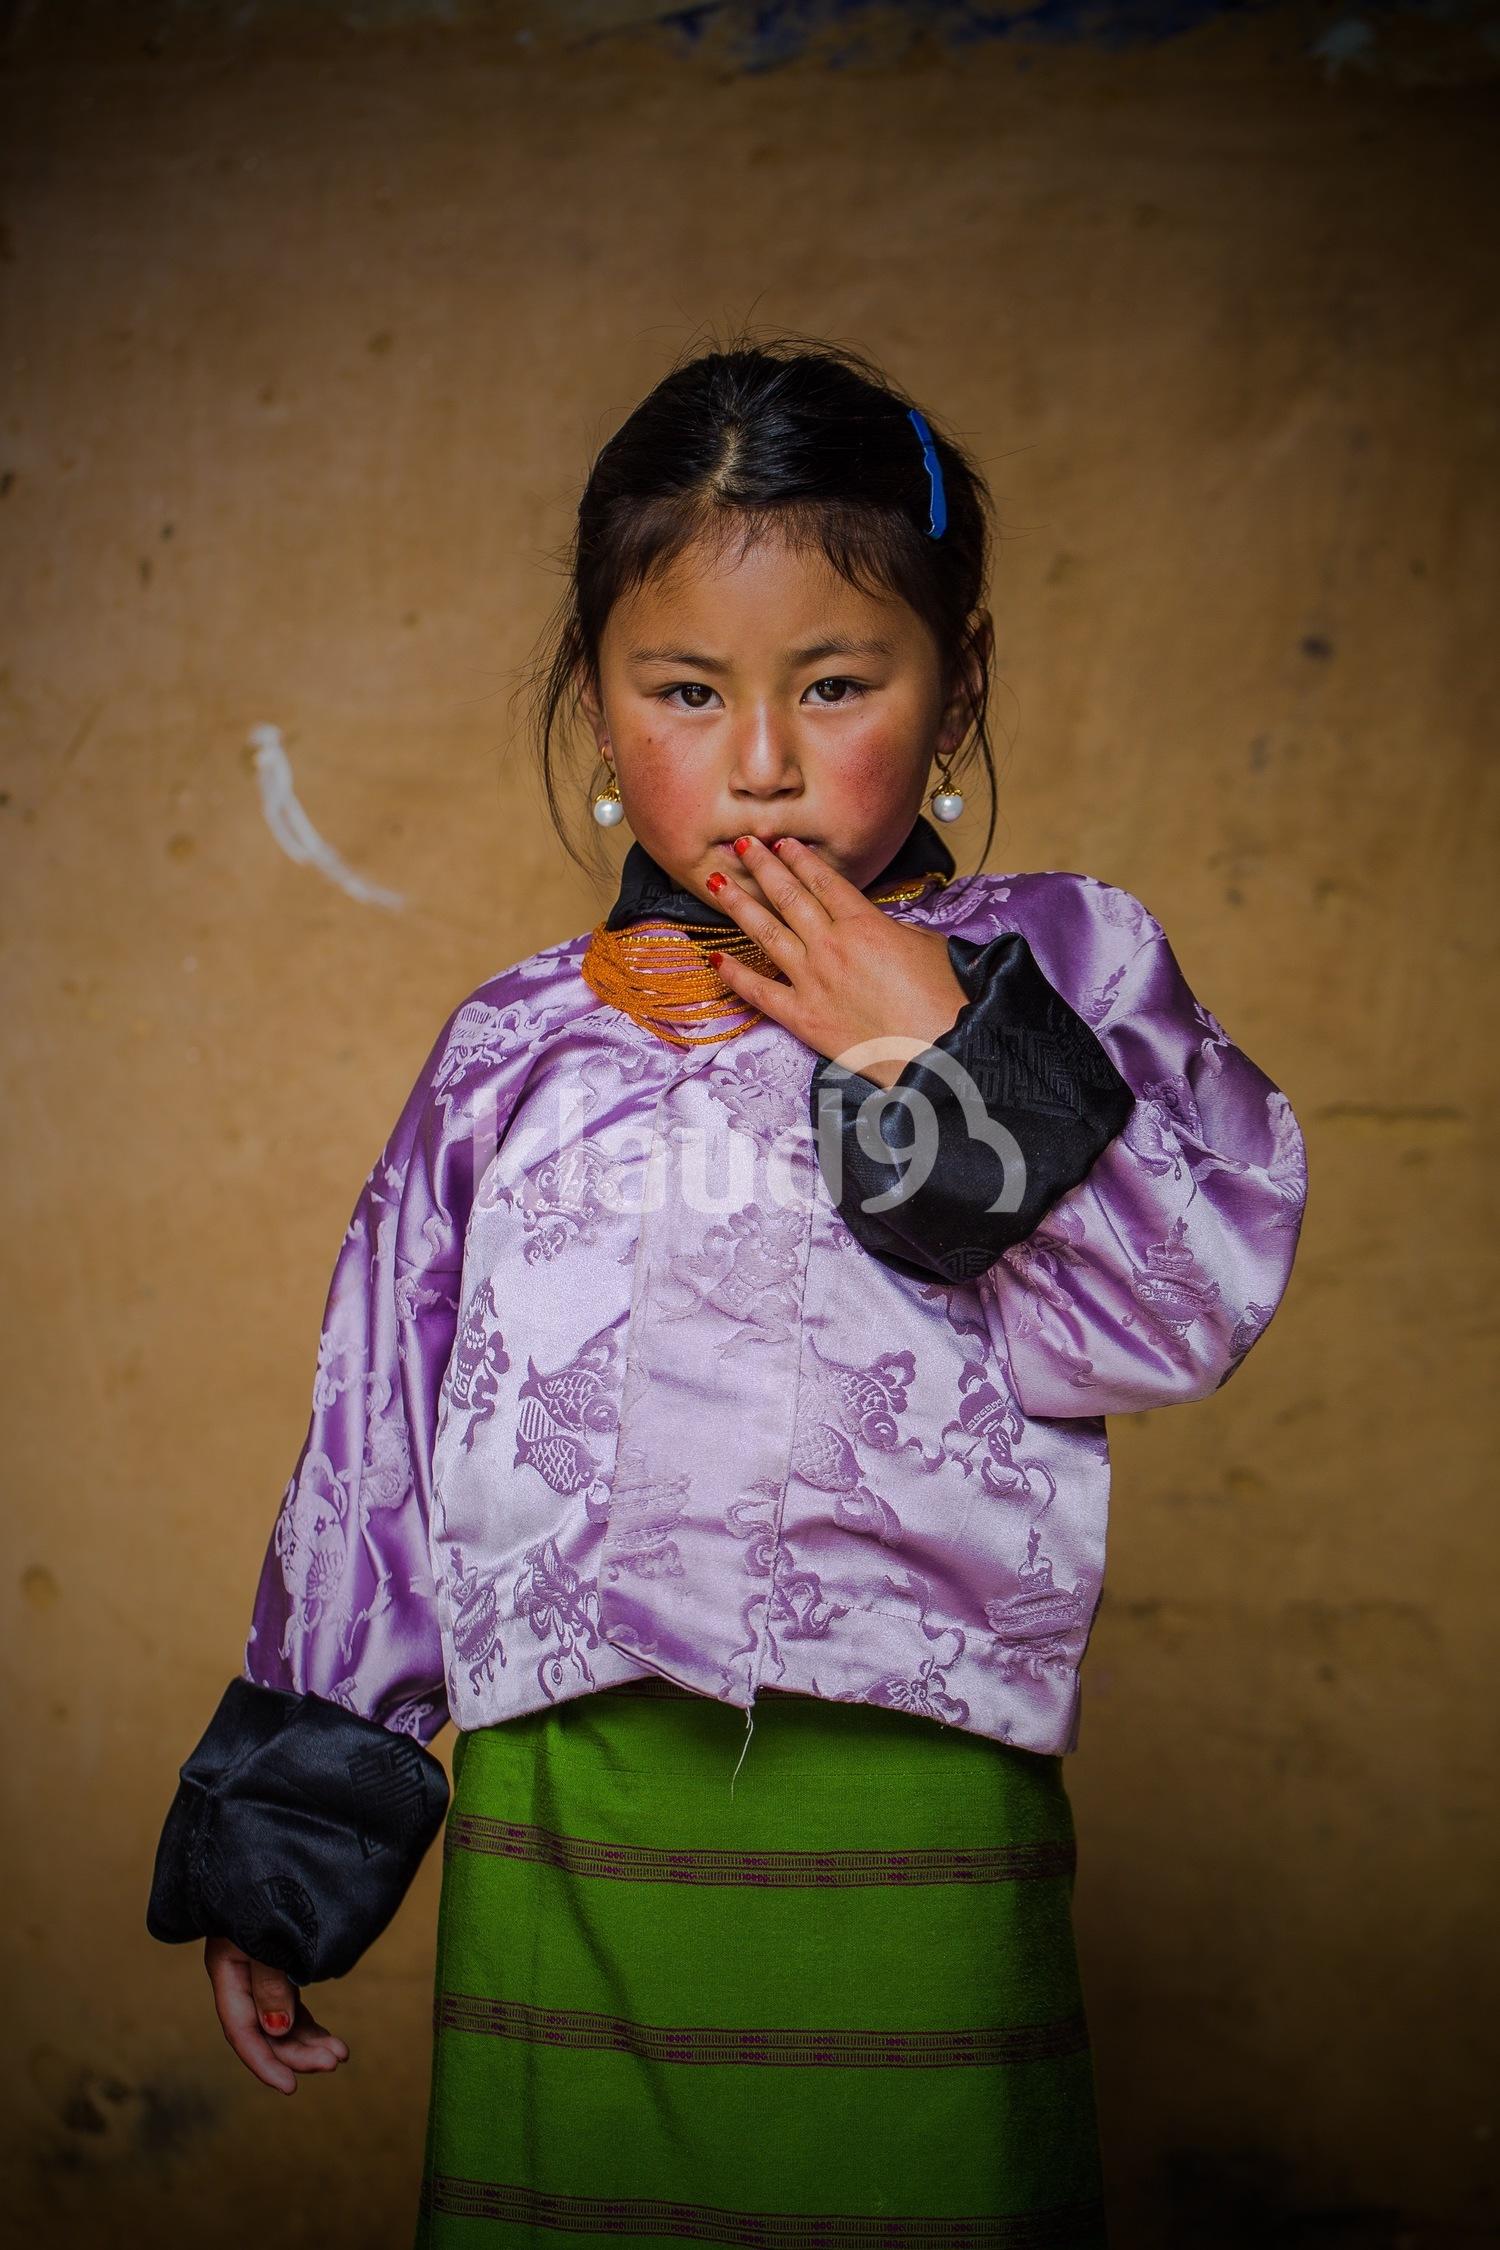 A child in Bhutan